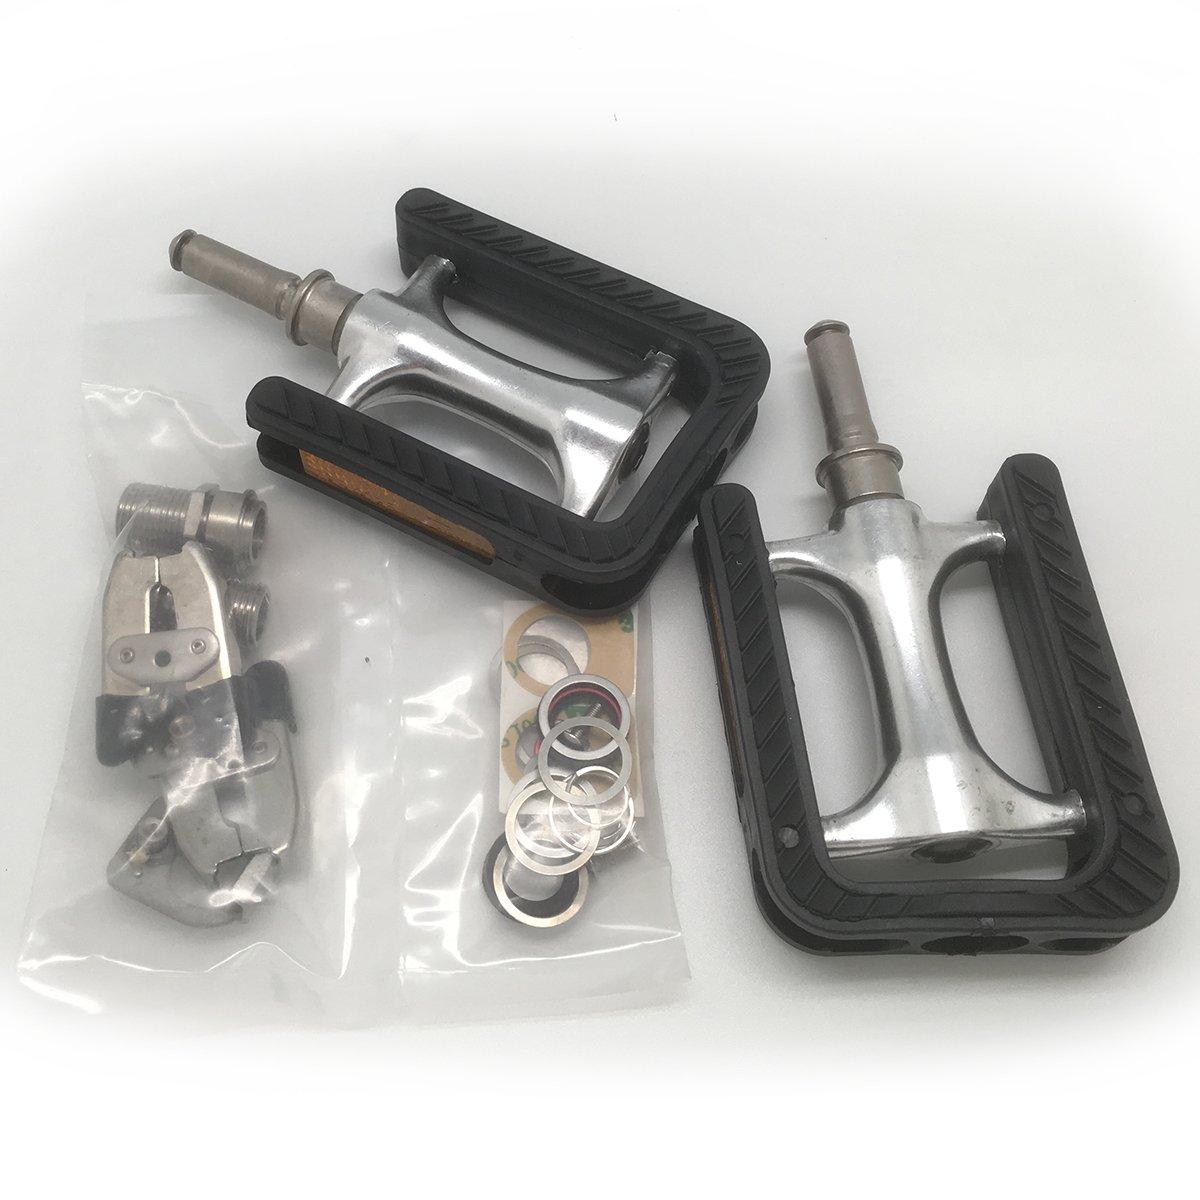 Педали быстросъёмные с крепежом (Jifo), BXA1304000089